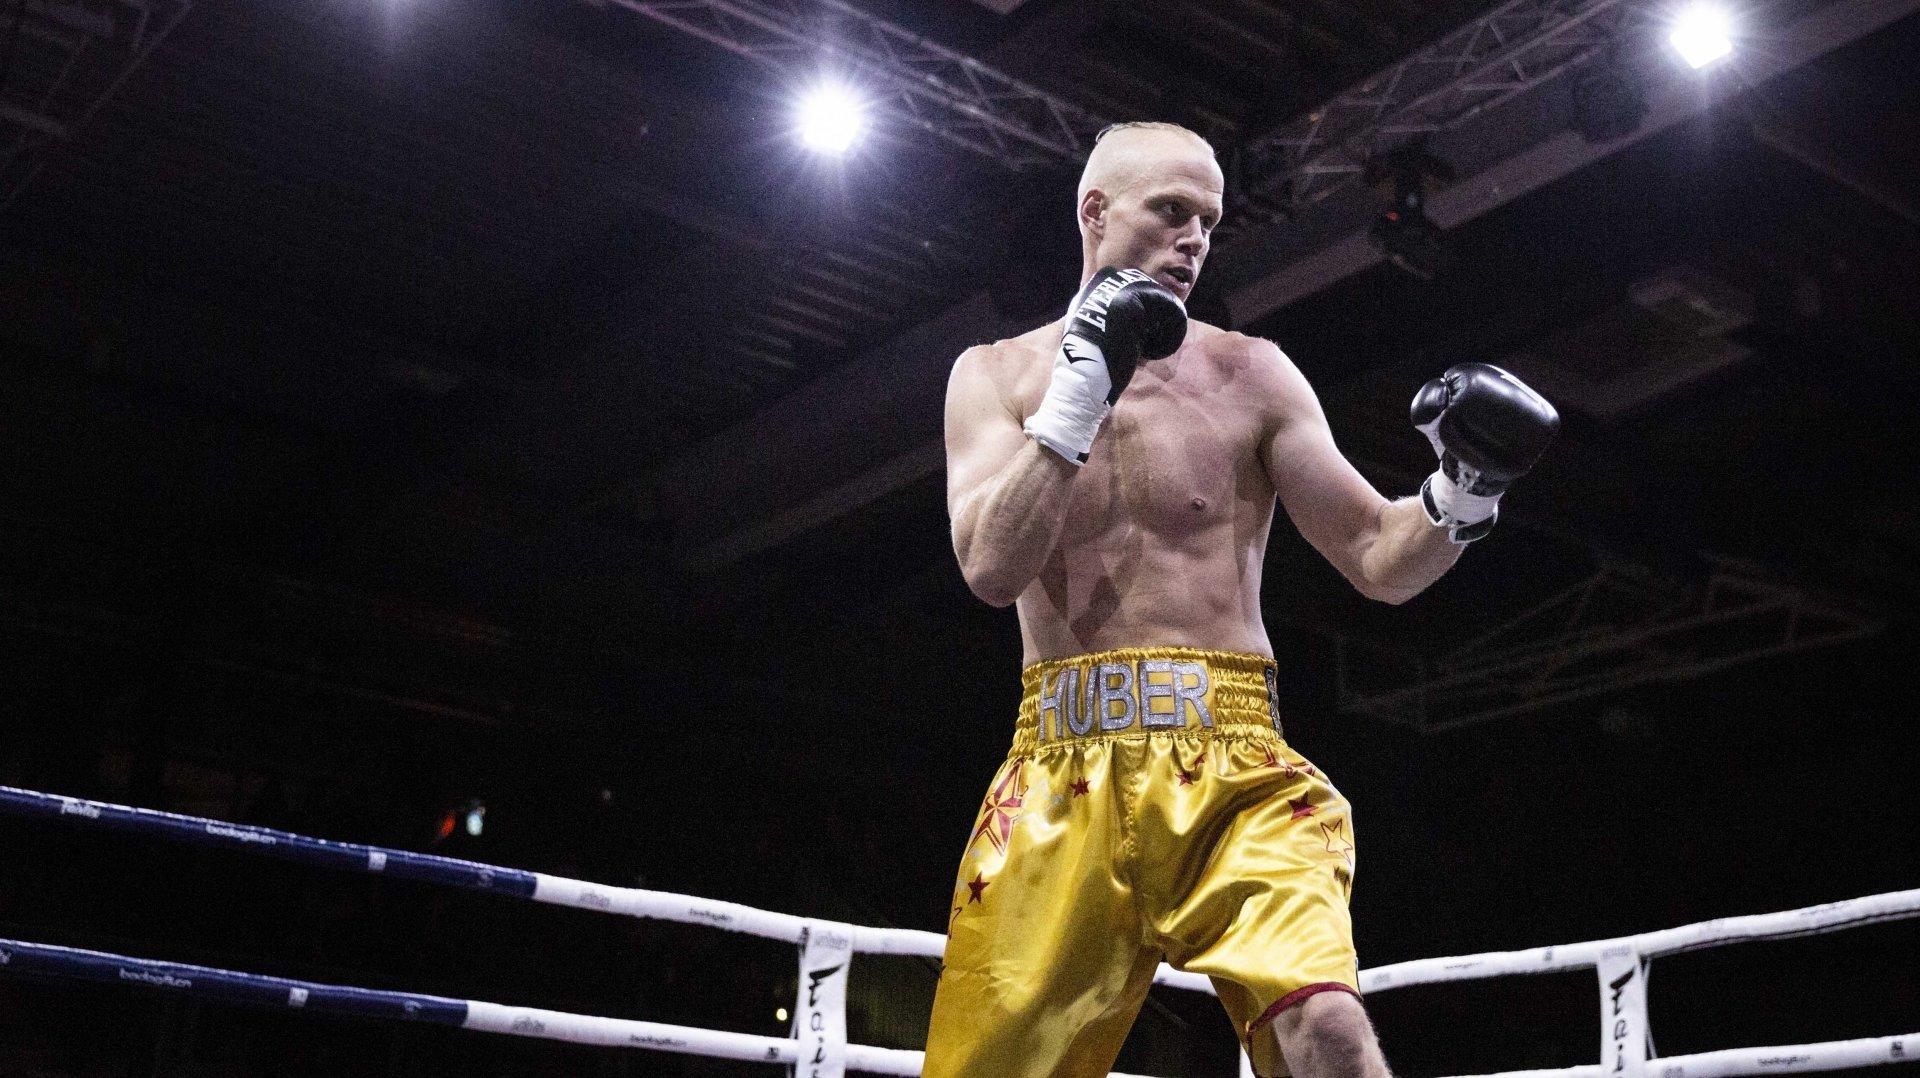 «Il a fait dans son froc», lâche le boxeur sédunois Benoît Huber après l'annulation de son combat de rentrée